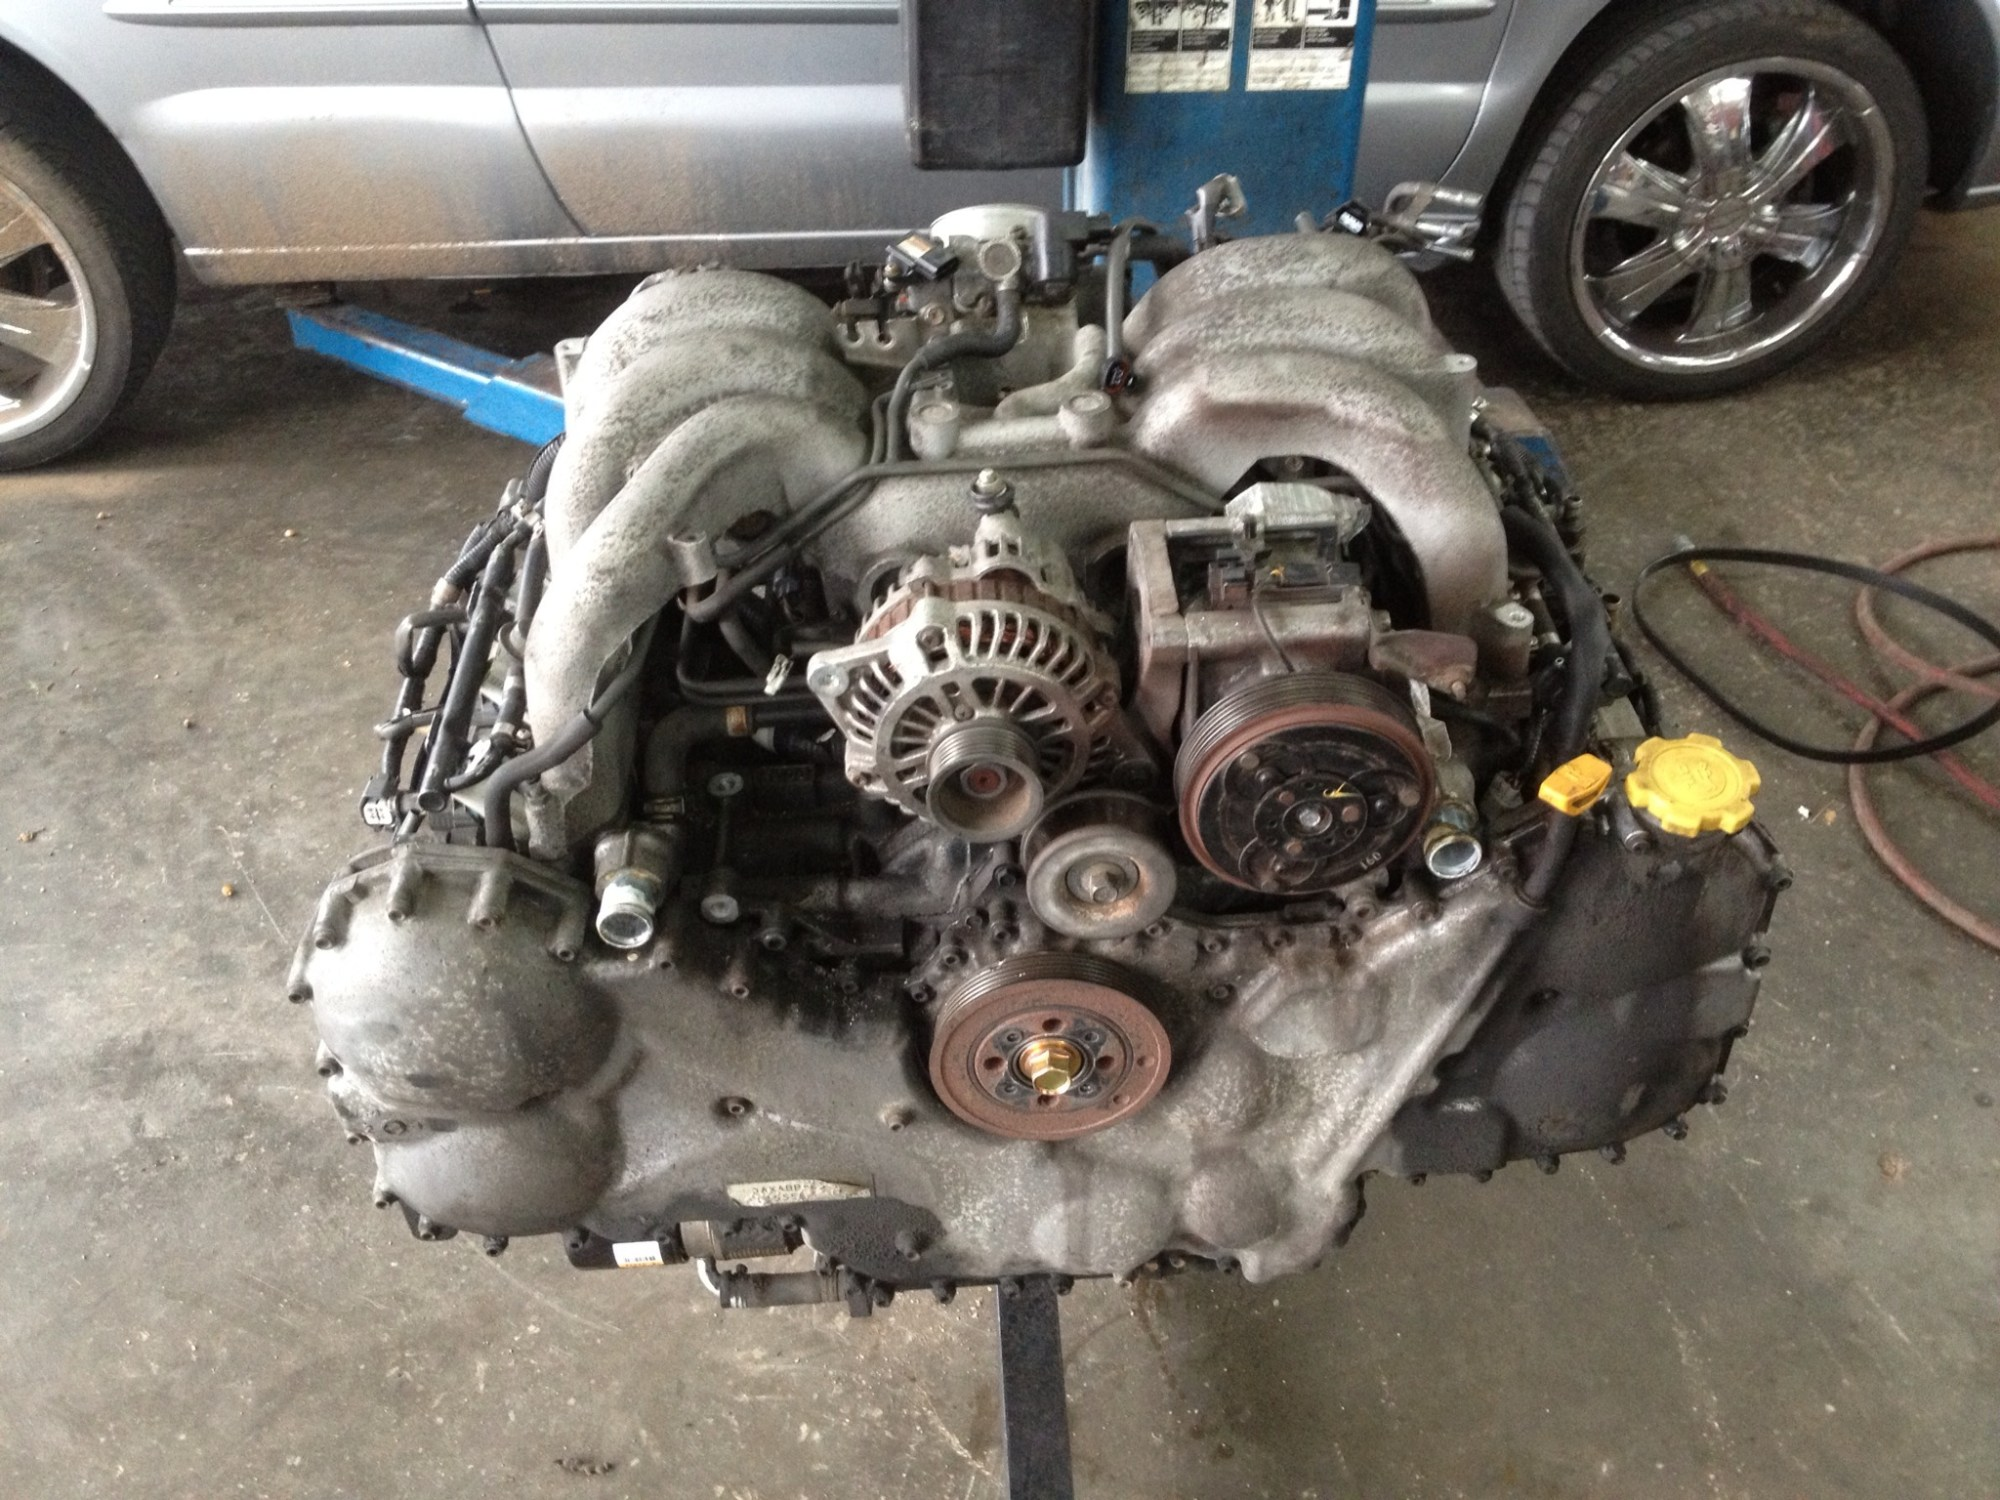 hight resolution of 2008 subaru boxer engine diagram wiring library subaru turbo engine subaru h6 engine diagram